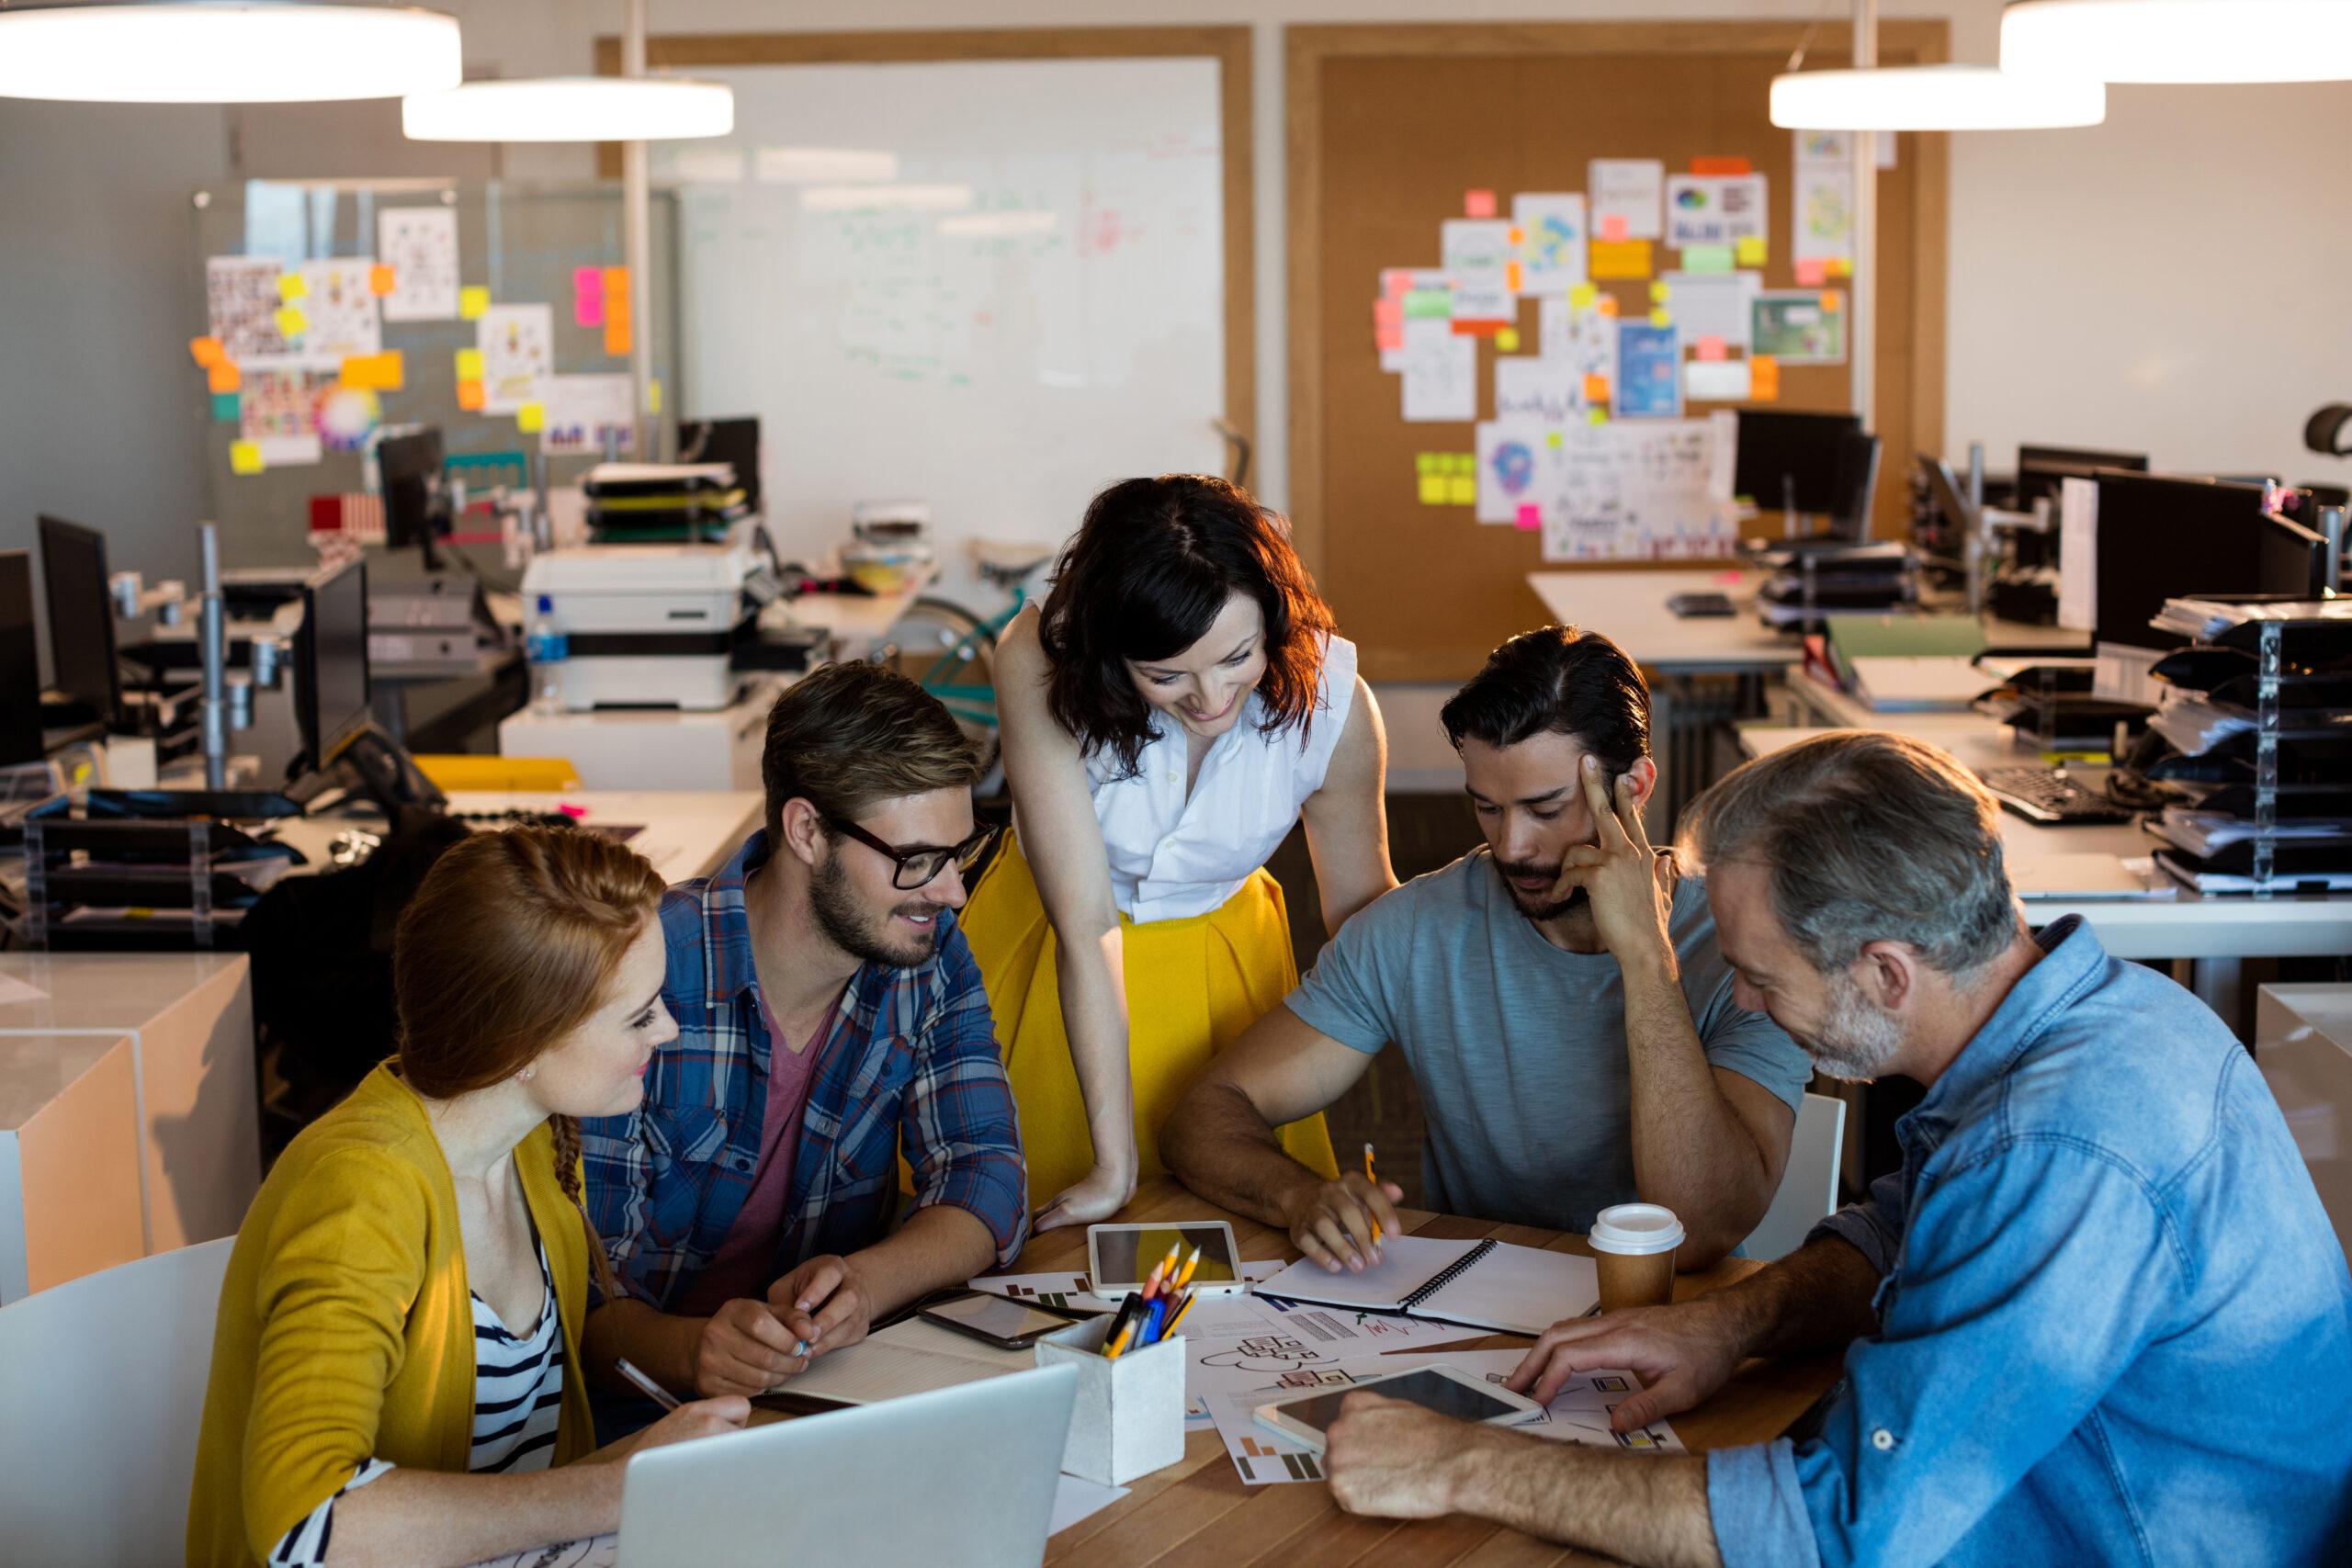 Certifiera dig till Co-Creator | Accelerera ditt Ledarskap och gå från Problemlösning till Co-Creation